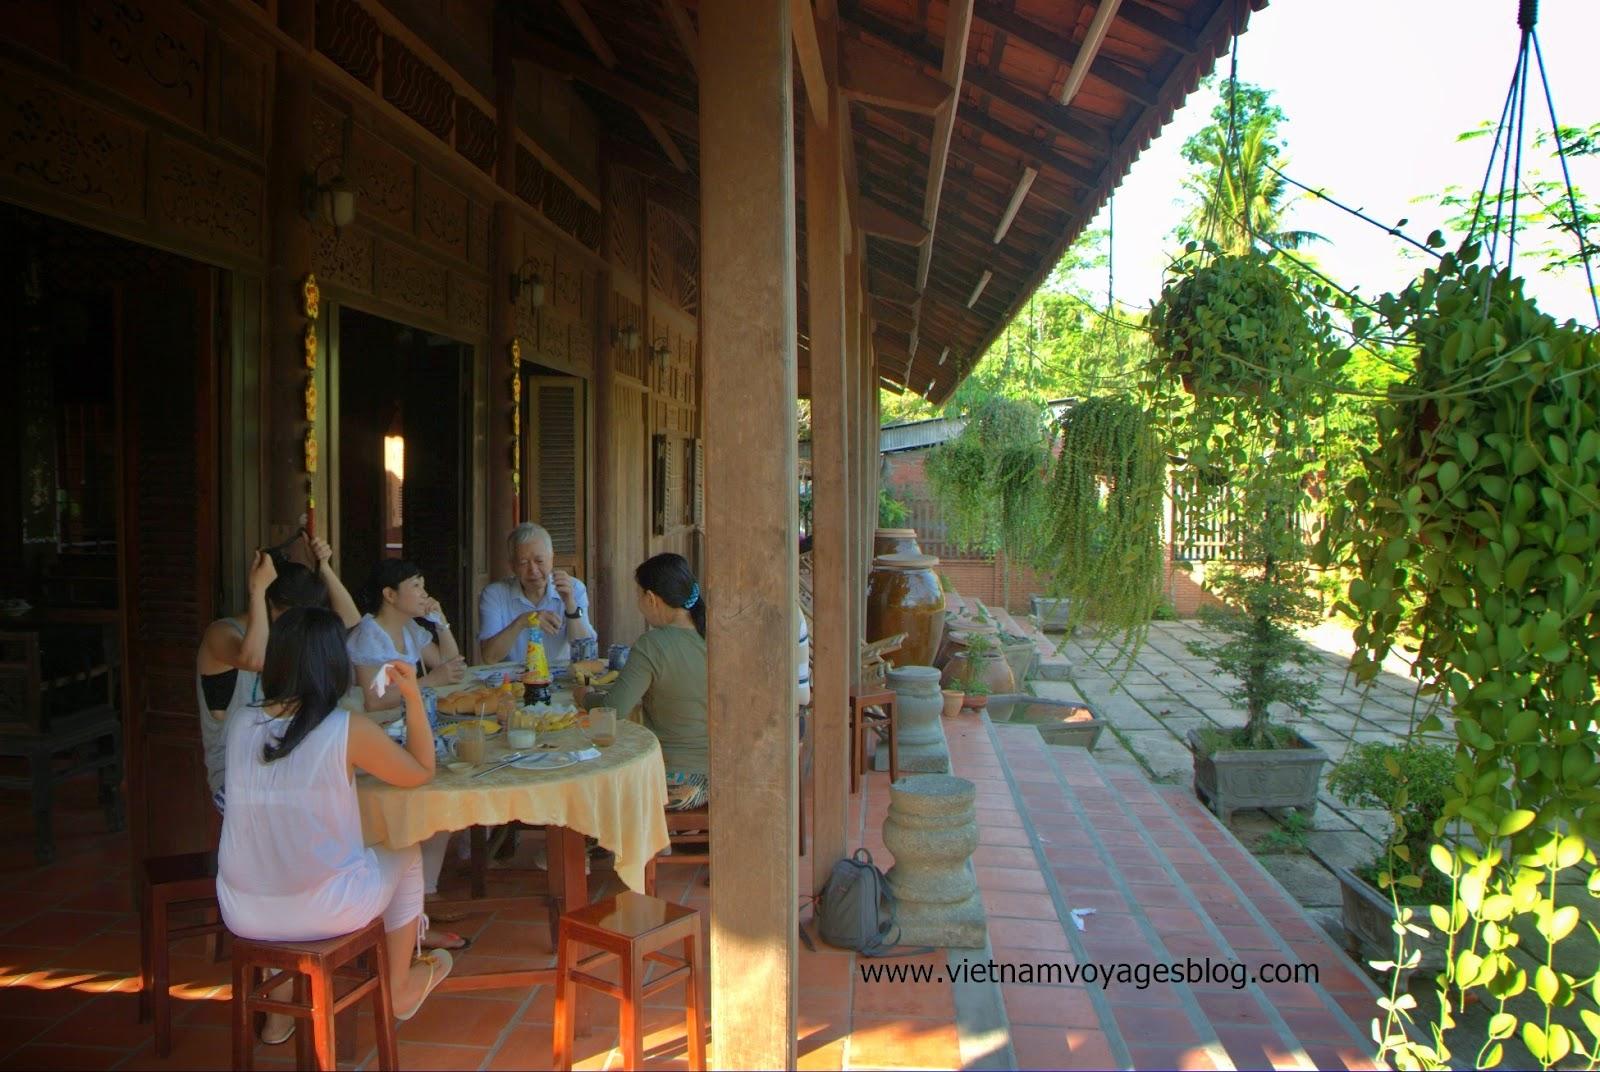 Bữa sáng được phục vụ ngay trước thềm nhà